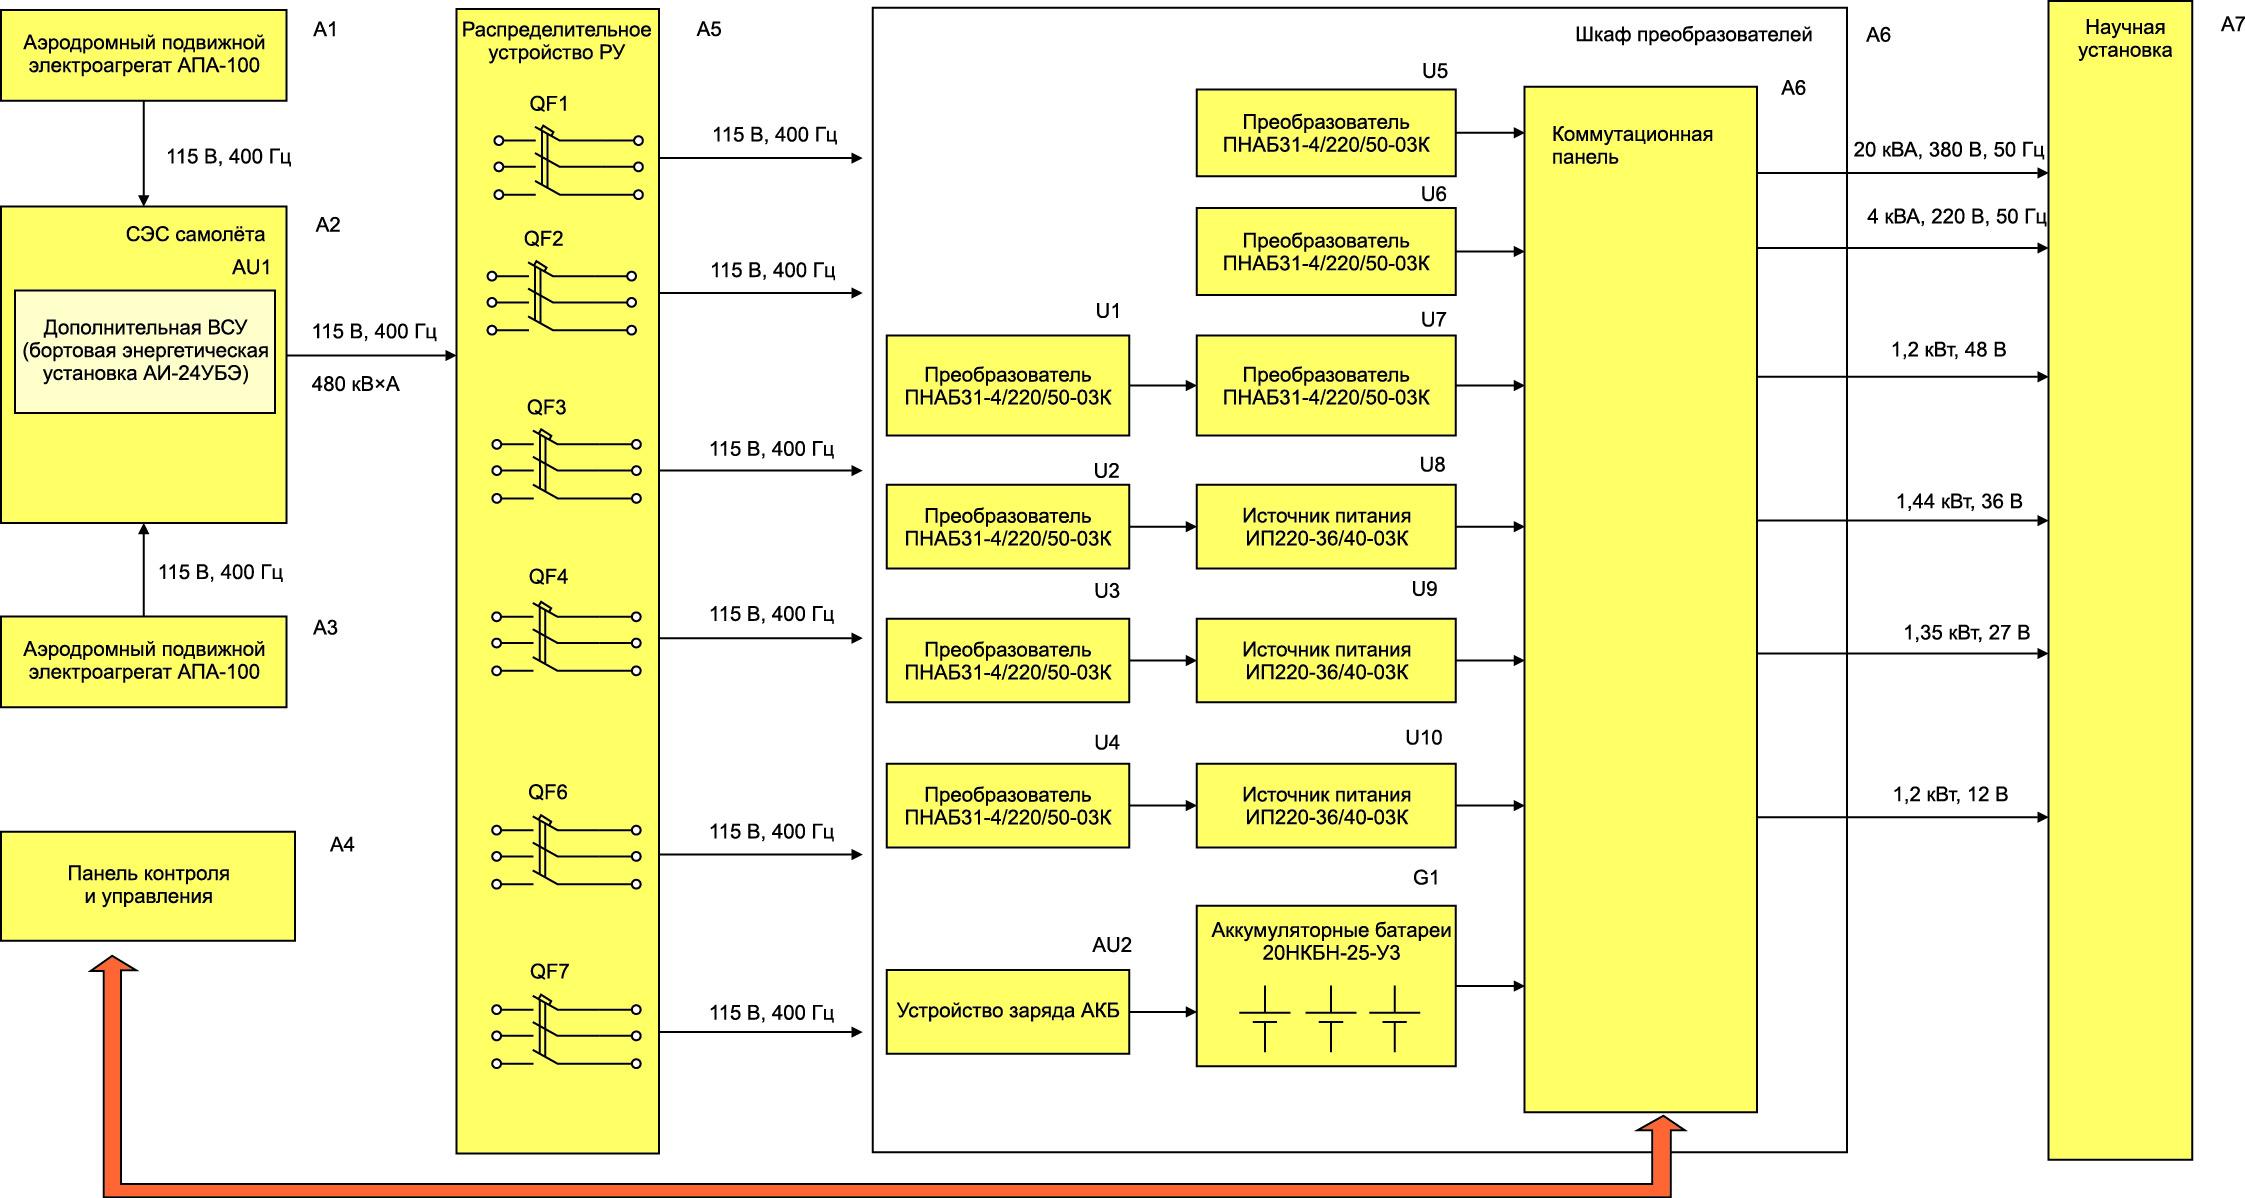 Структурная схема системы электропитания авиационного базирования для научной аппаратуры